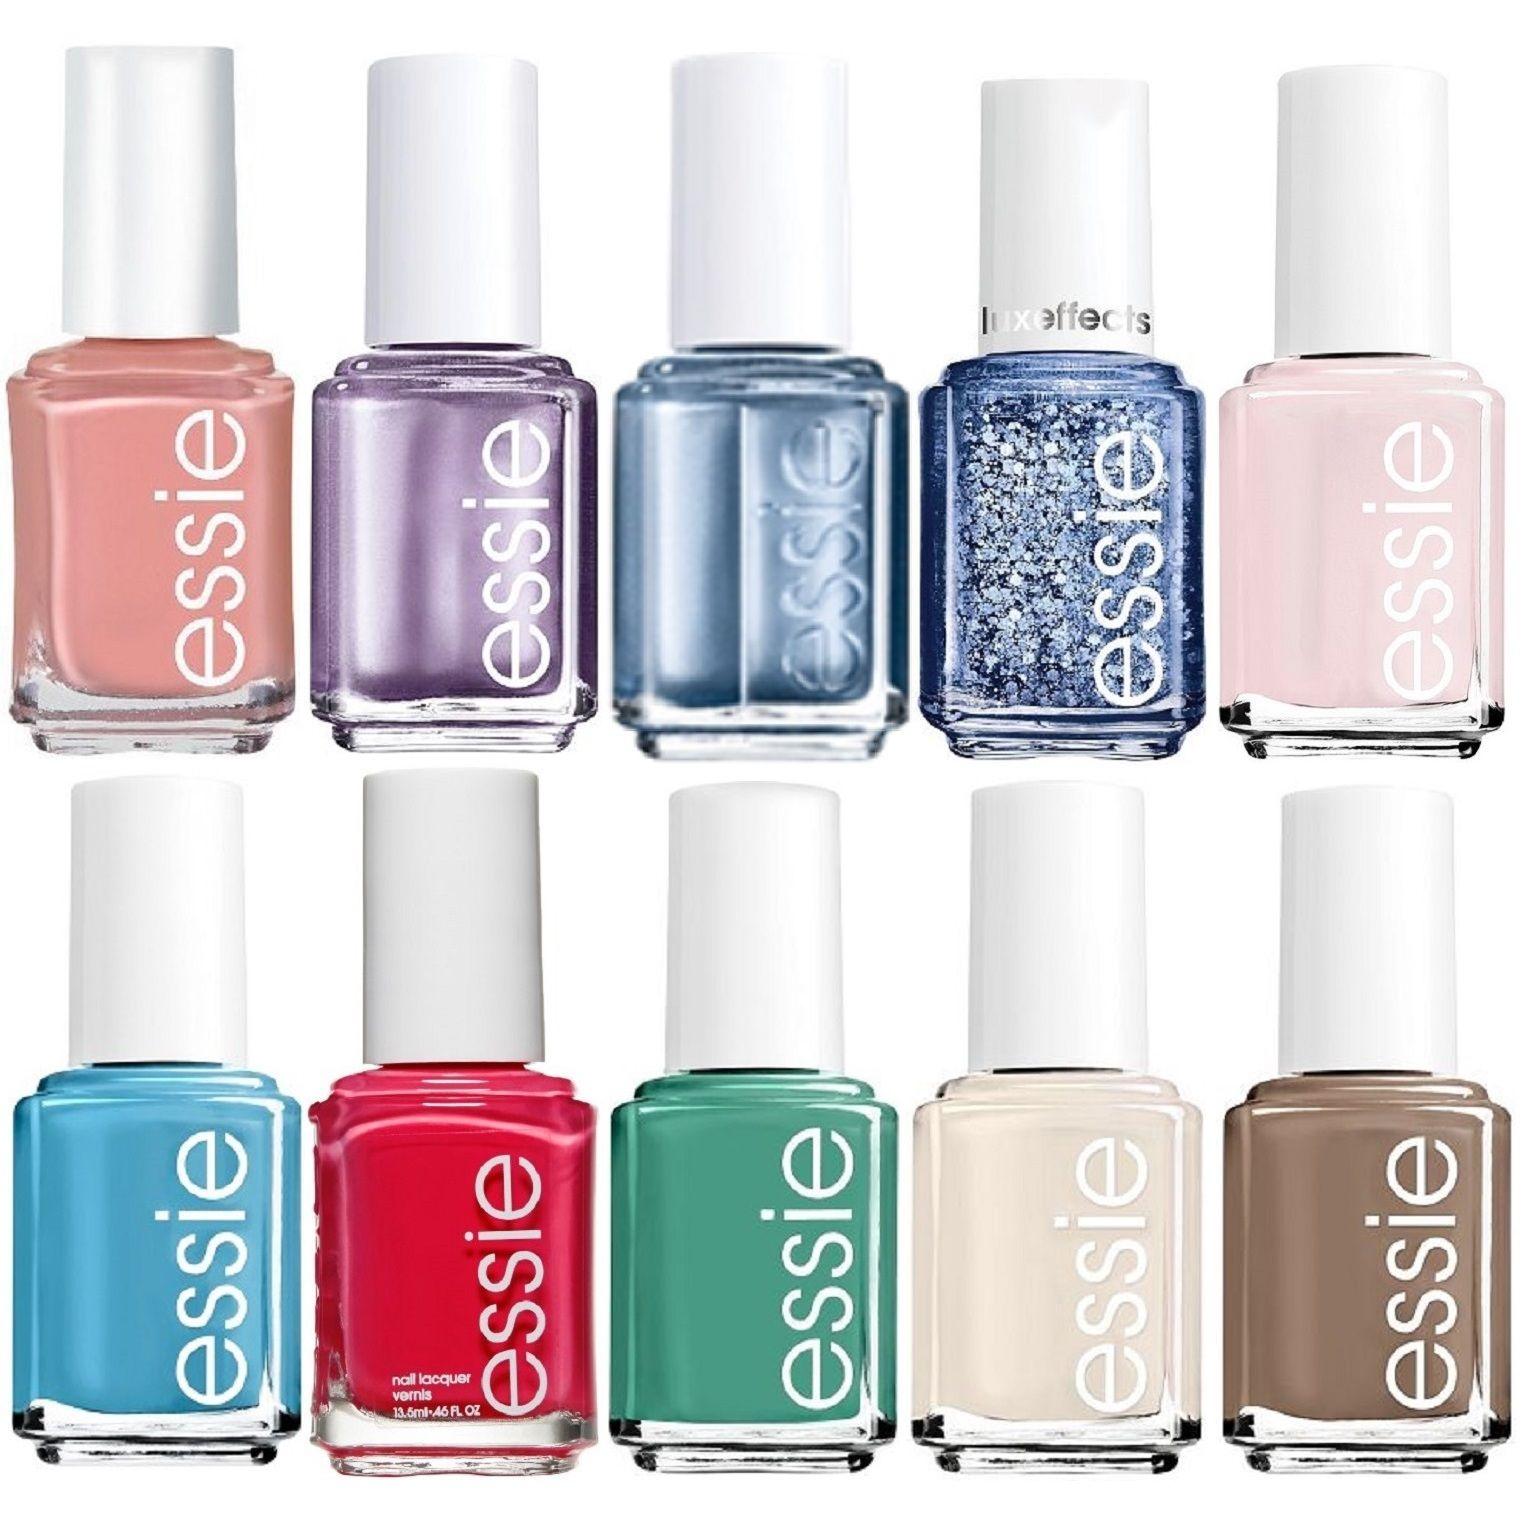 Essie Cream Nail Polish offers creamy, rich color in core iconic ...